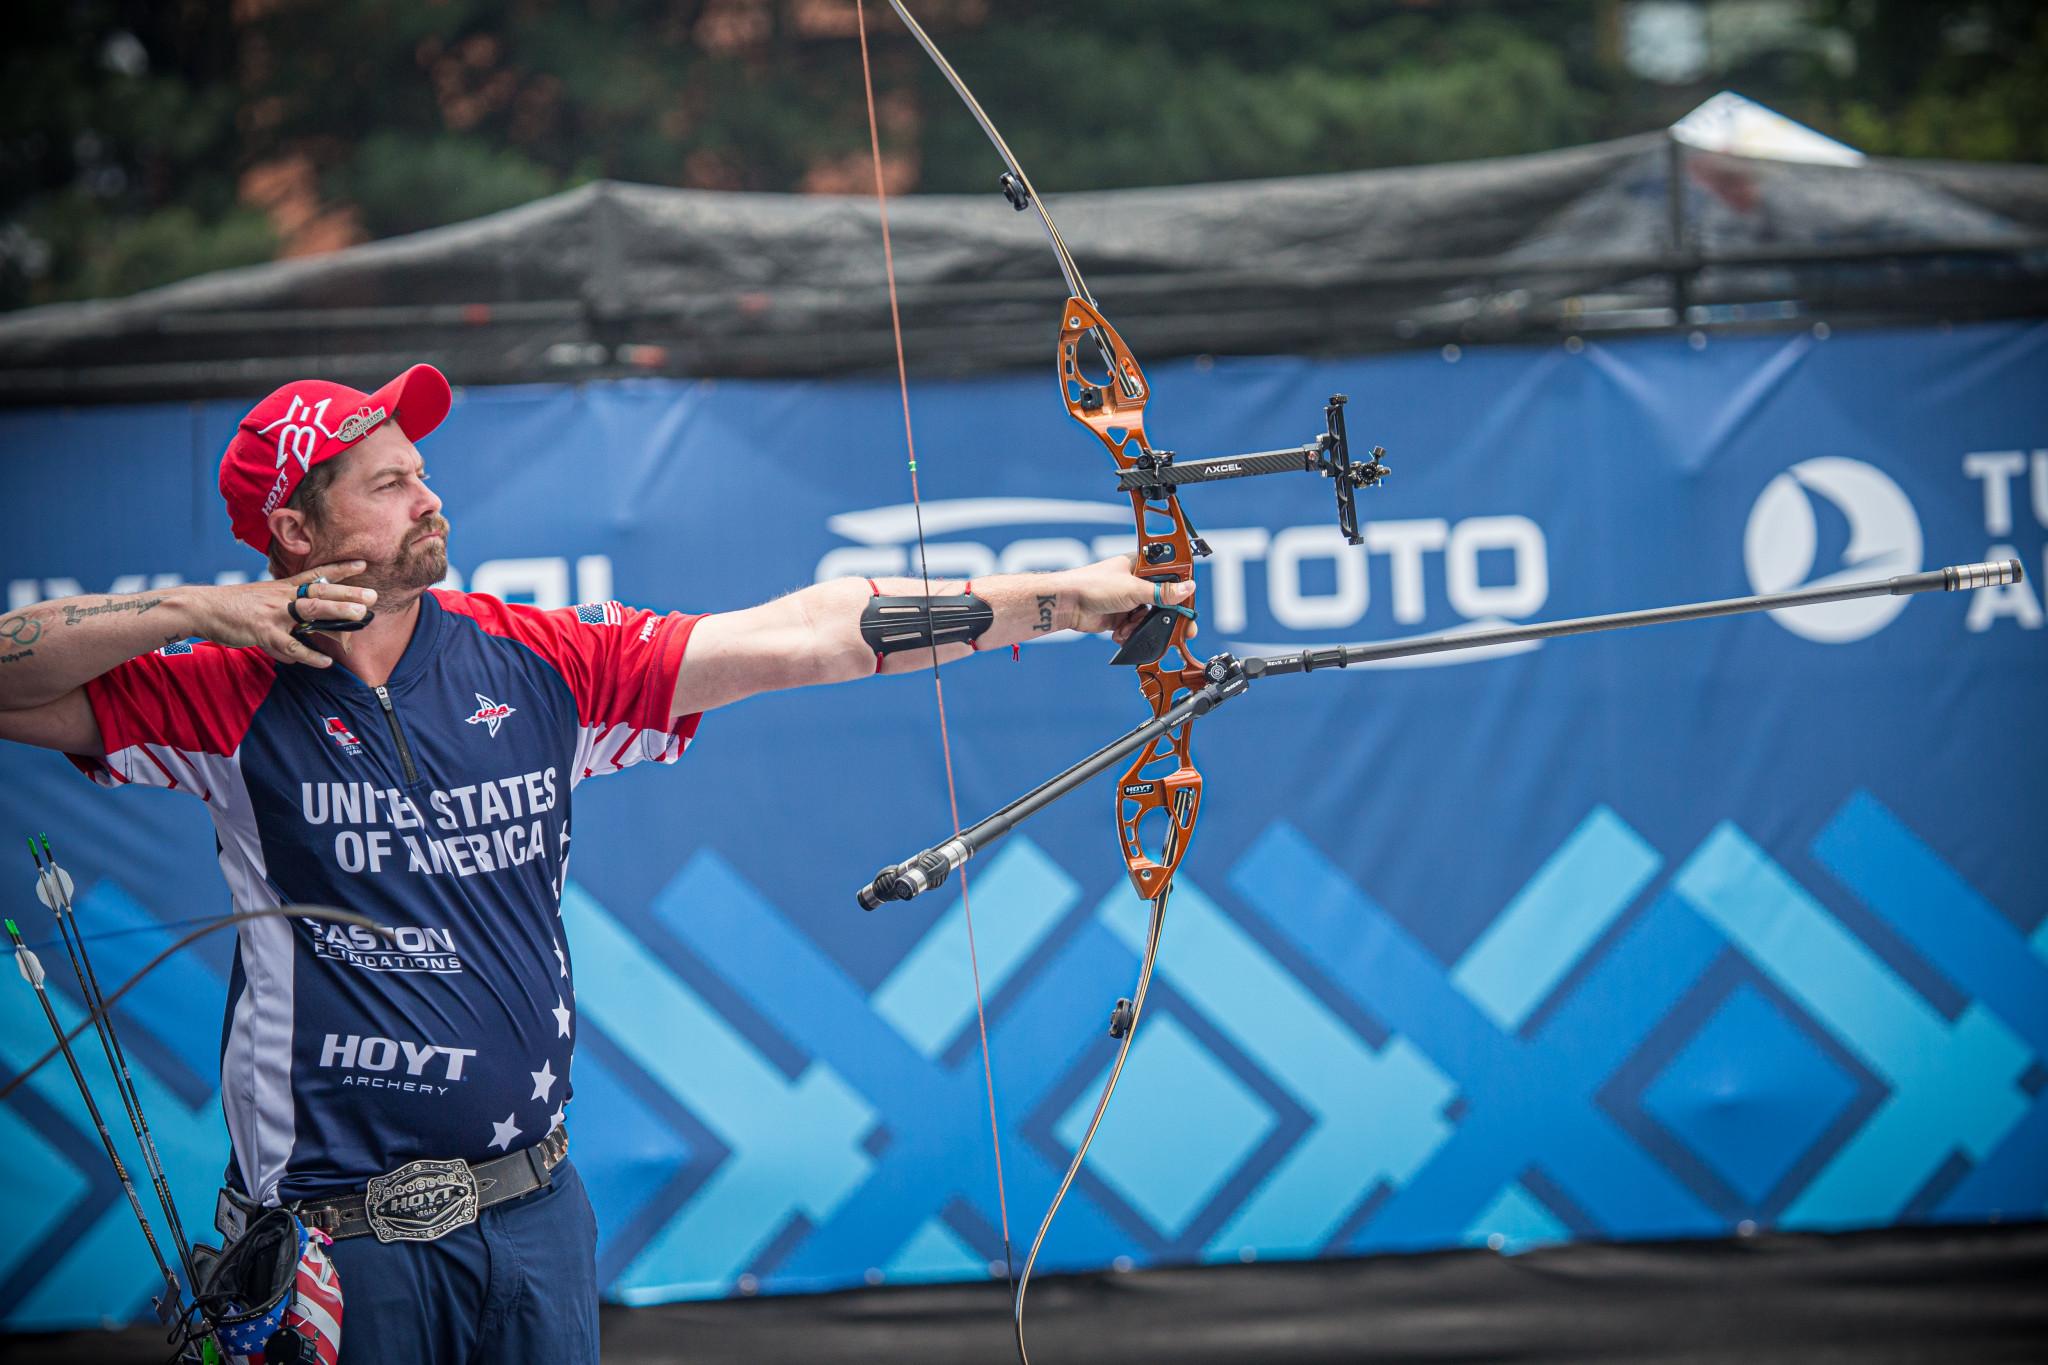 Ellison and Vazquez among recurve semi-finalists at Paris Archery World Cup